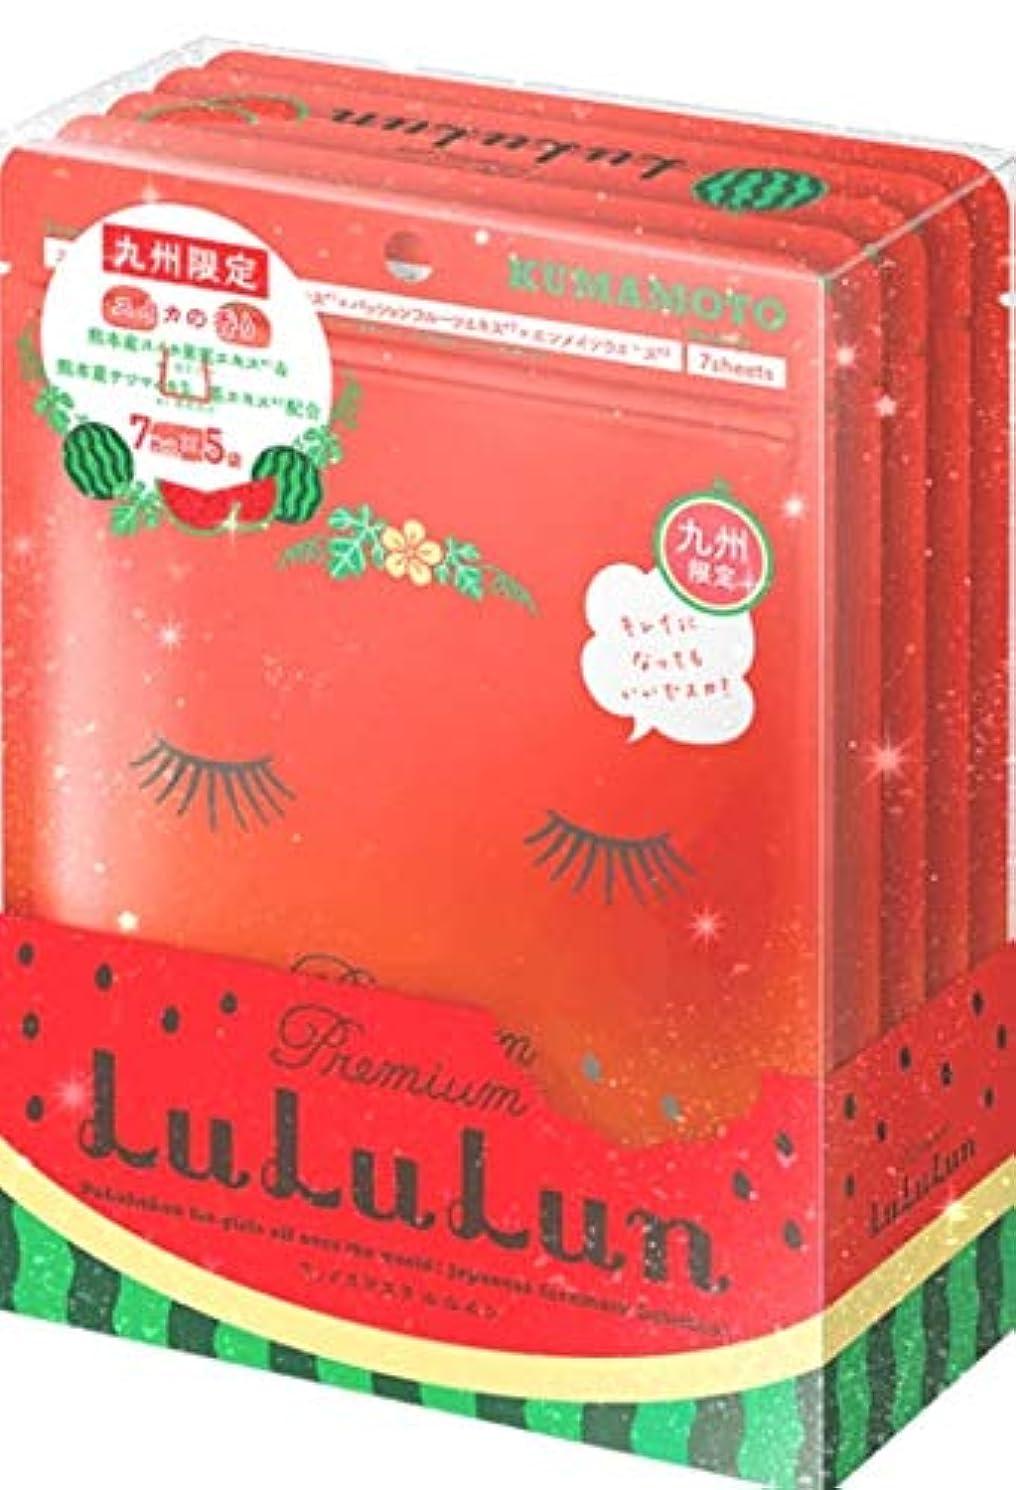 リースレール酔う九州プレミアム LuLuLun (ルルルン) フェイスマスク スイカの香り 7枚×5袋